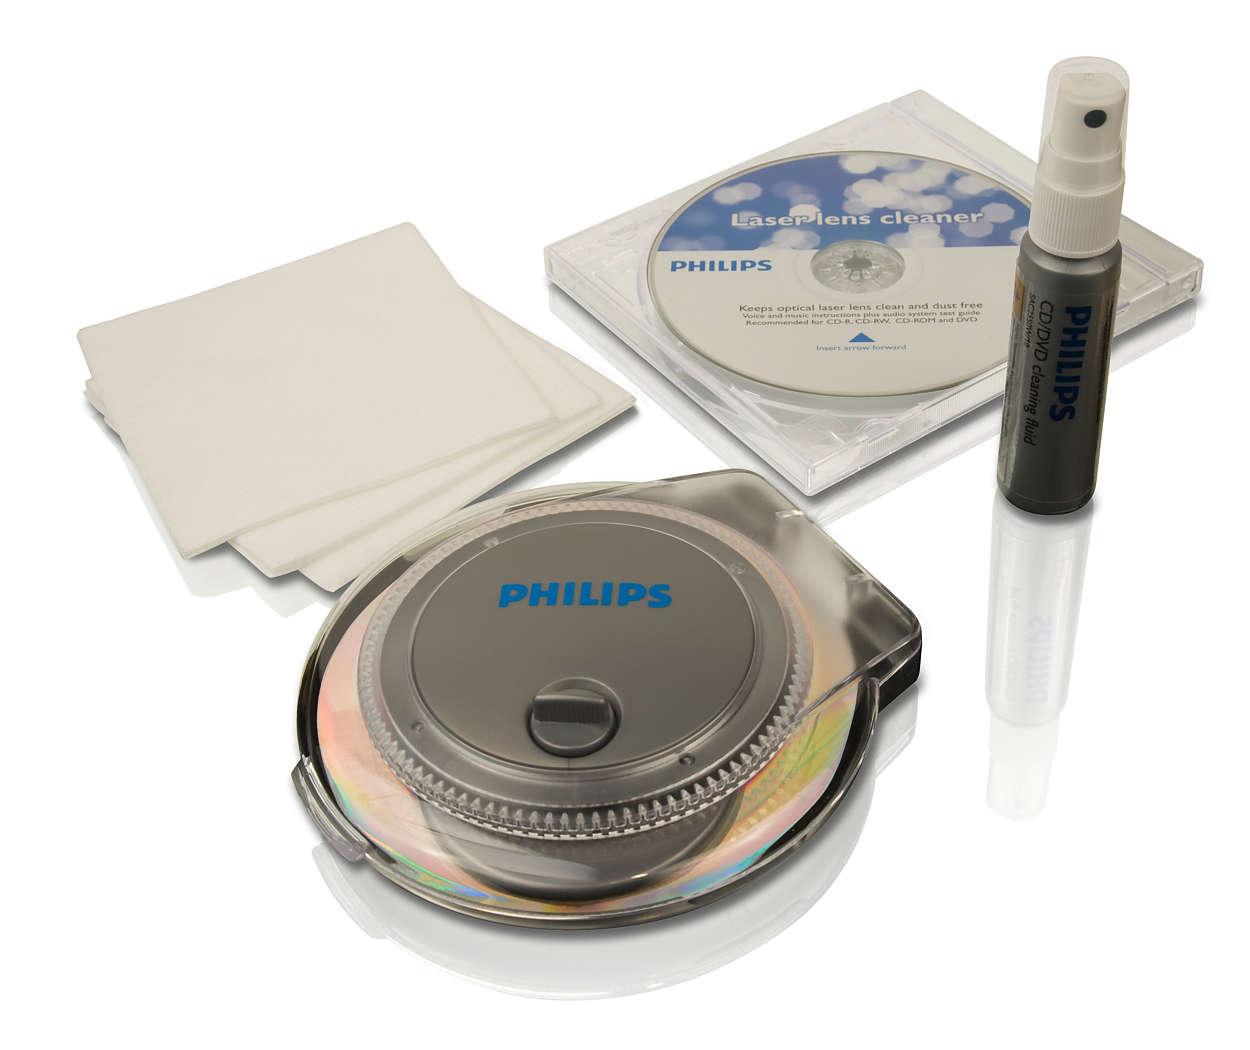 Sve što vam je potrebno za čišćenje CD/DVD medija